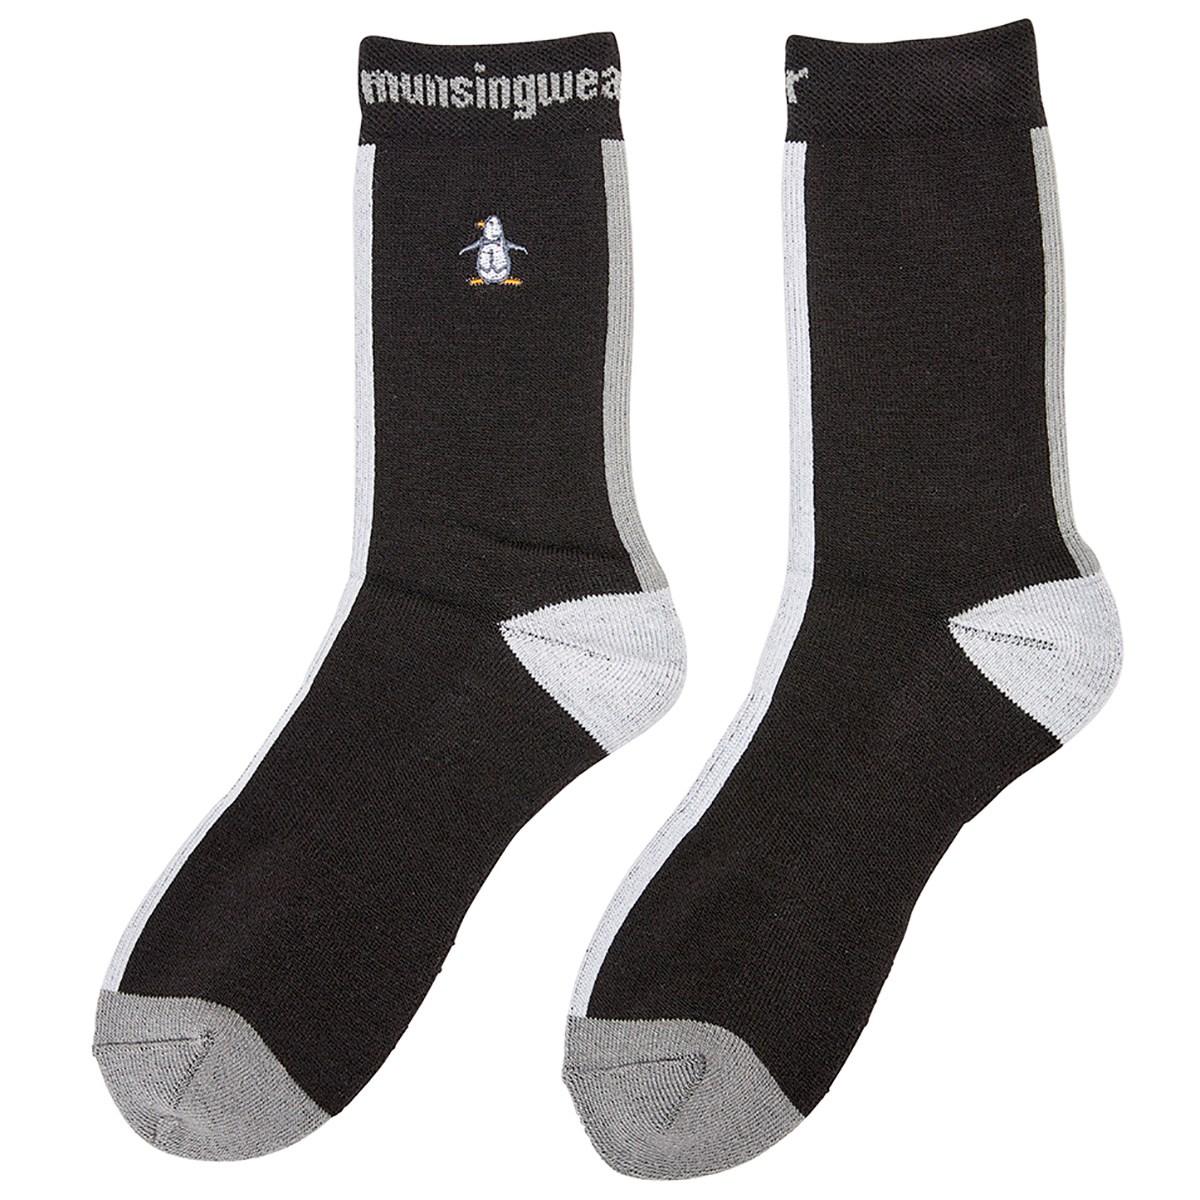 マンシングウェア Munsingwear ショートソックス フリー ブラック 00 レディス